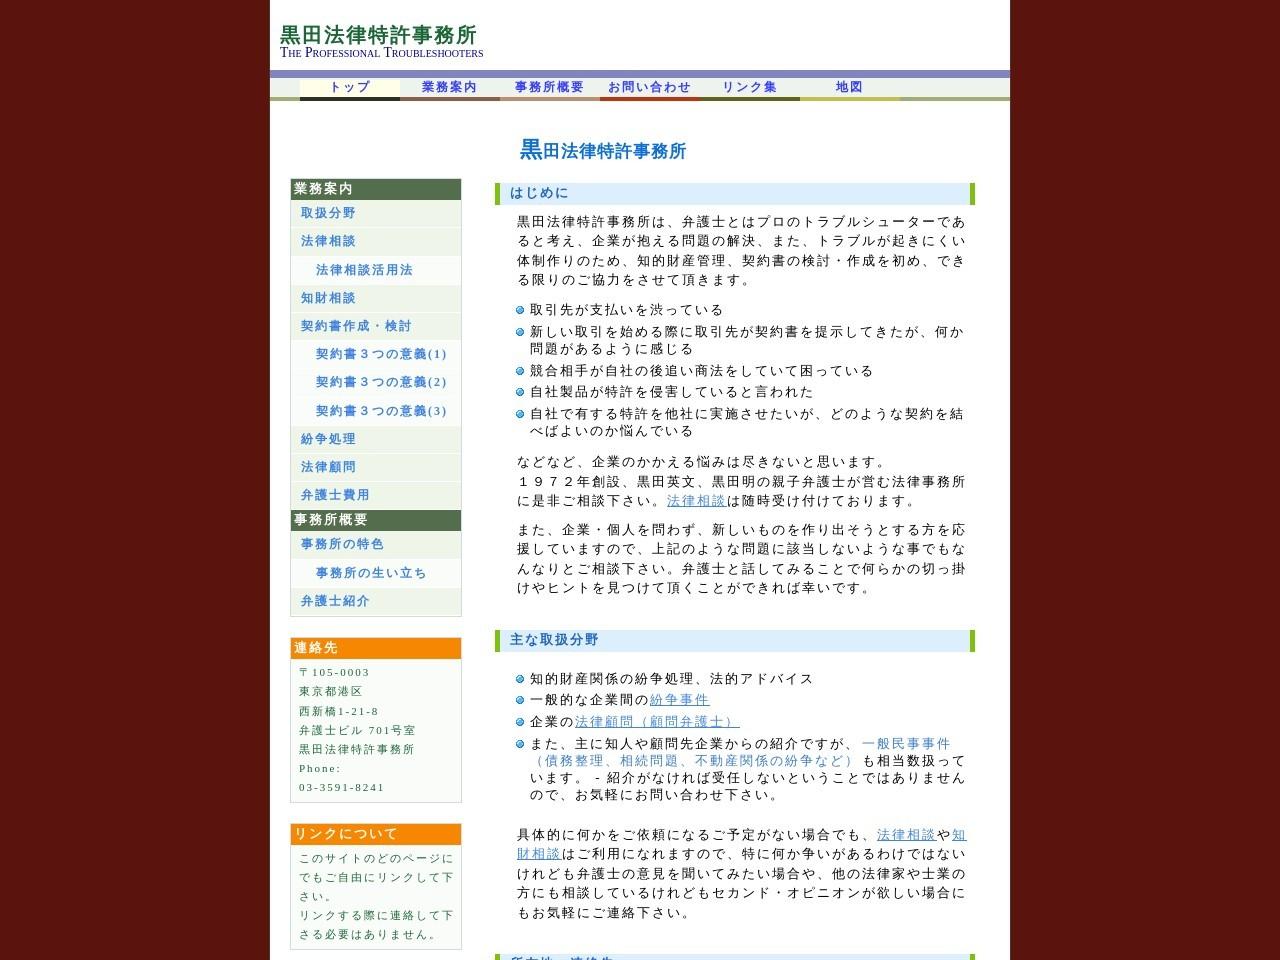 黒田法律特許事務所